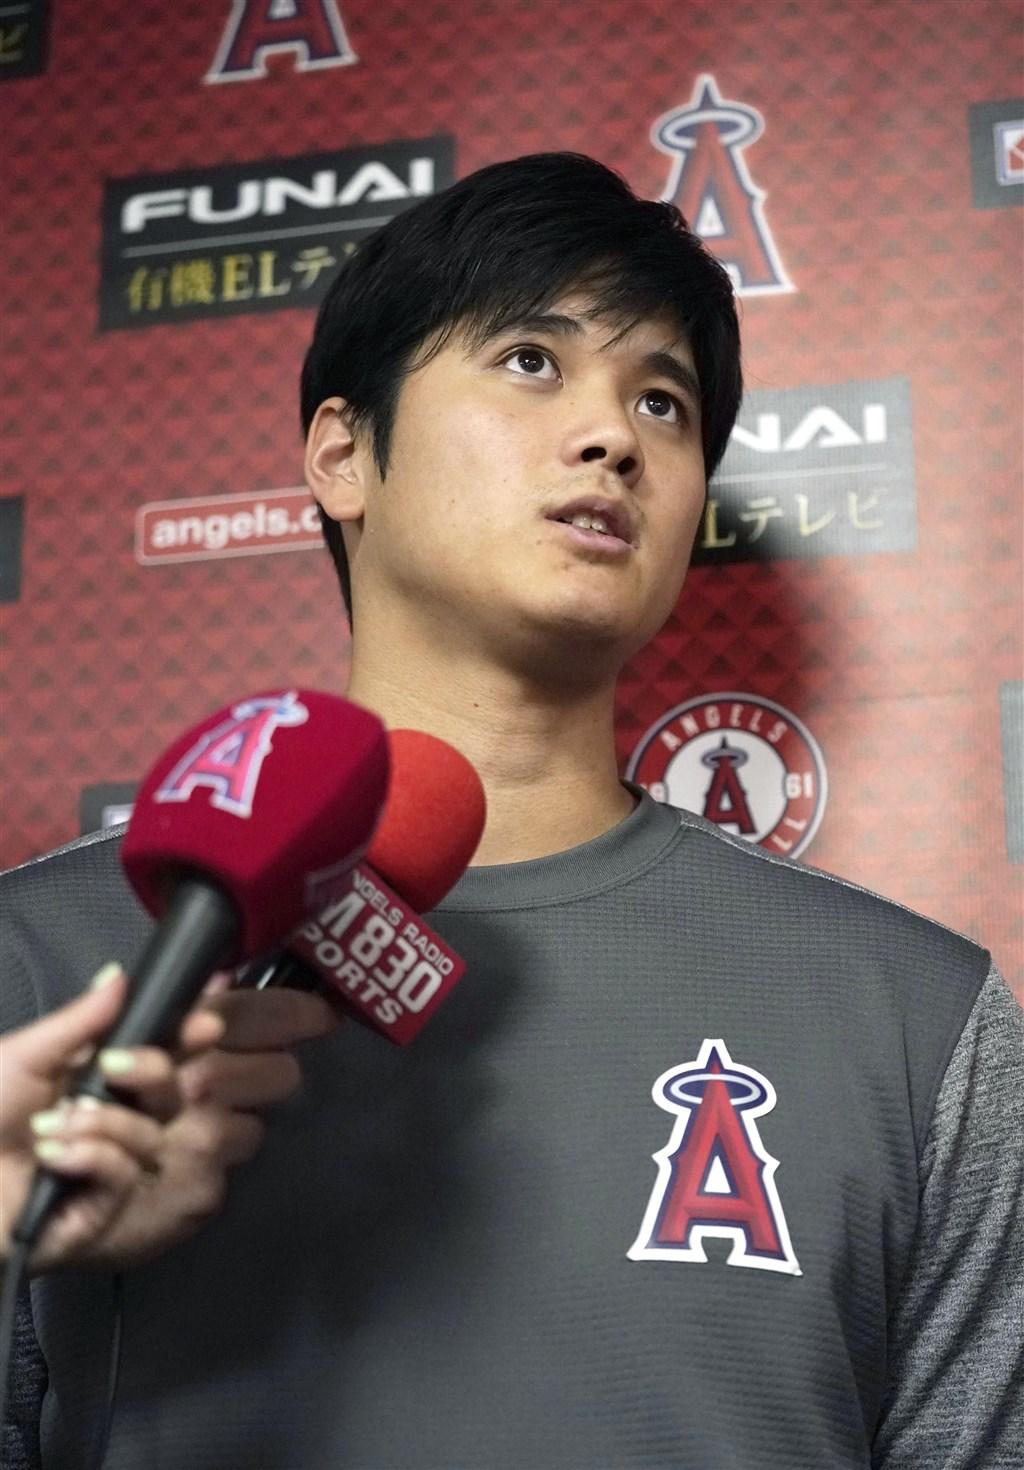 MLB洛杉磯天使隊日籍球星大谷翔平9月進行左膝手術後復健良好,球團表示,大谷翔平11月底可望重新站上投手丘投球練習。(共同社提供)